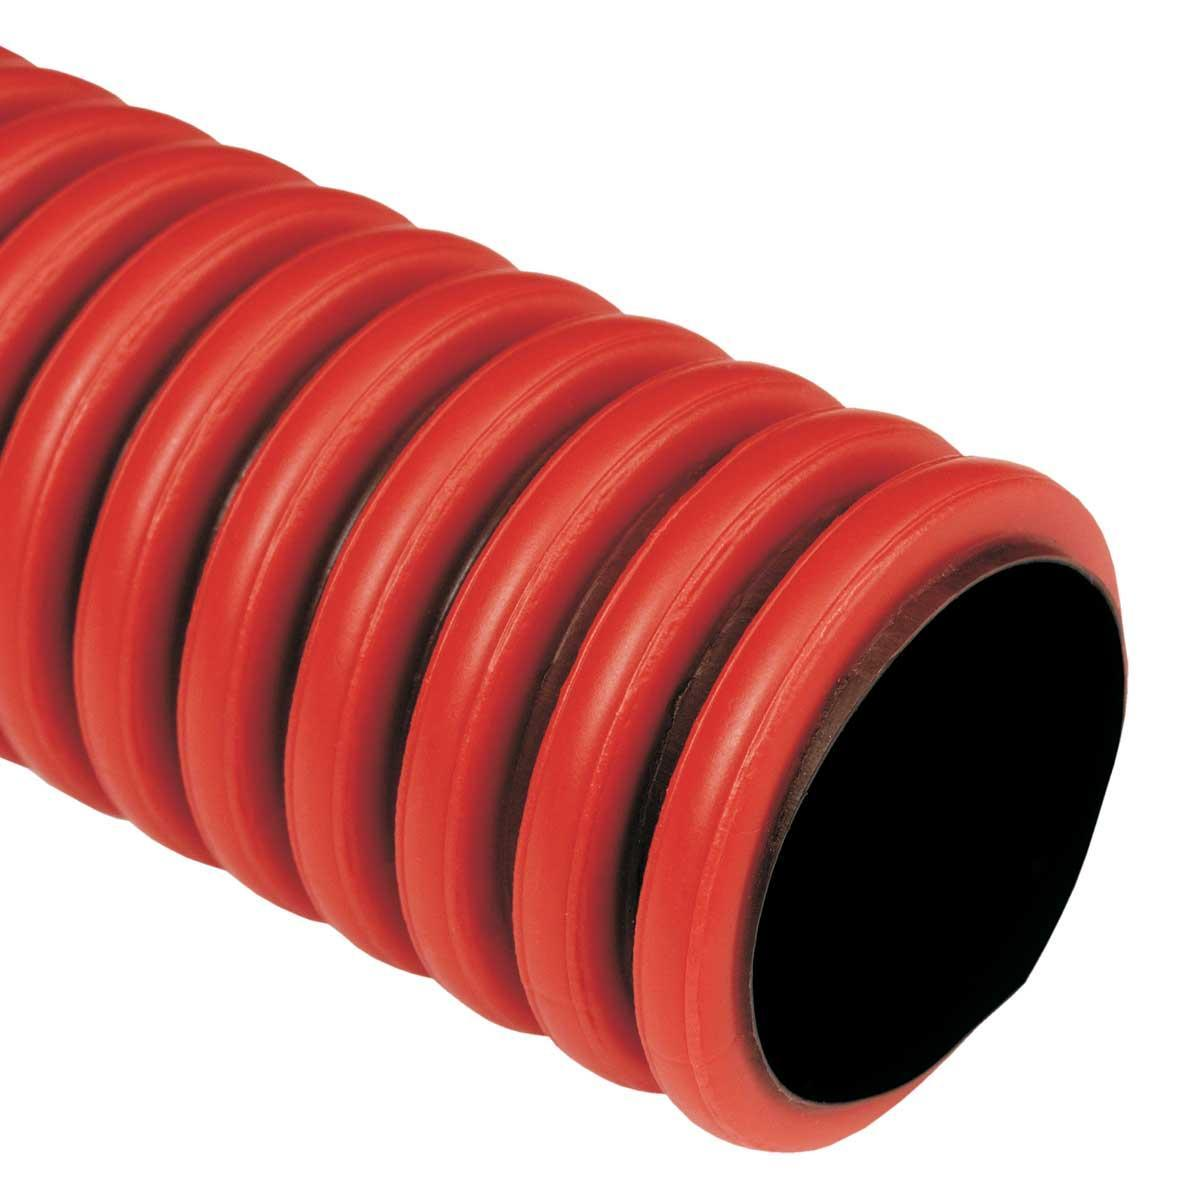 Труба гофрована гнучка двошарова Копофлекс, чорна, протяжка, ; Ø75мм; поліетилен HDPE